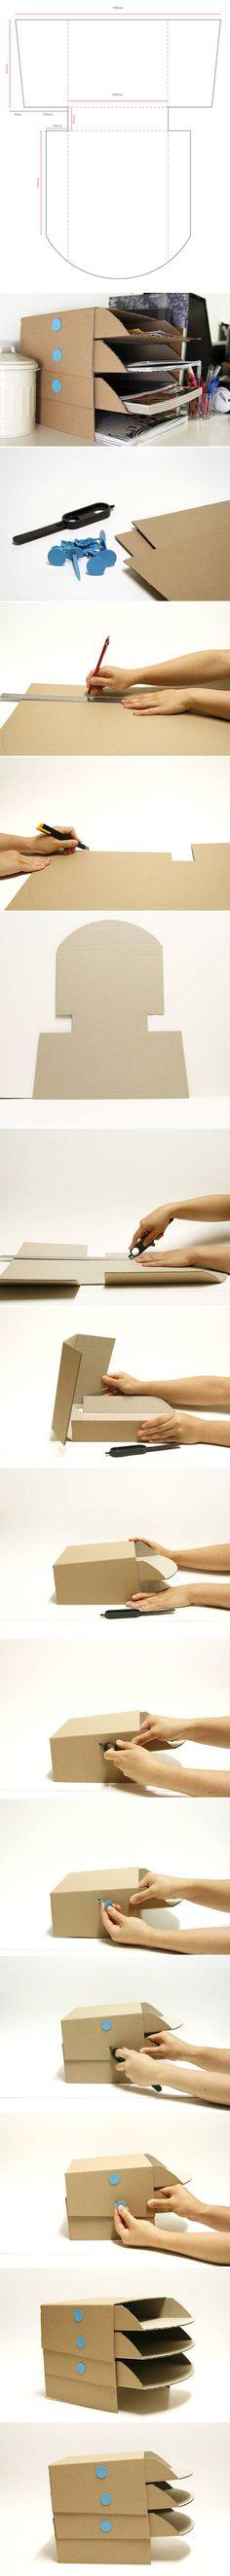 DIY : Cardboard Desk Tray by Hairstyle Tutorials Cardboard Organizer, Cardboard Recycling, Diy Organizer, Cardboard Paper, Cardboard Furniture, Cardboard Crafts, Diy Organization, Diy Furniture, Organizers